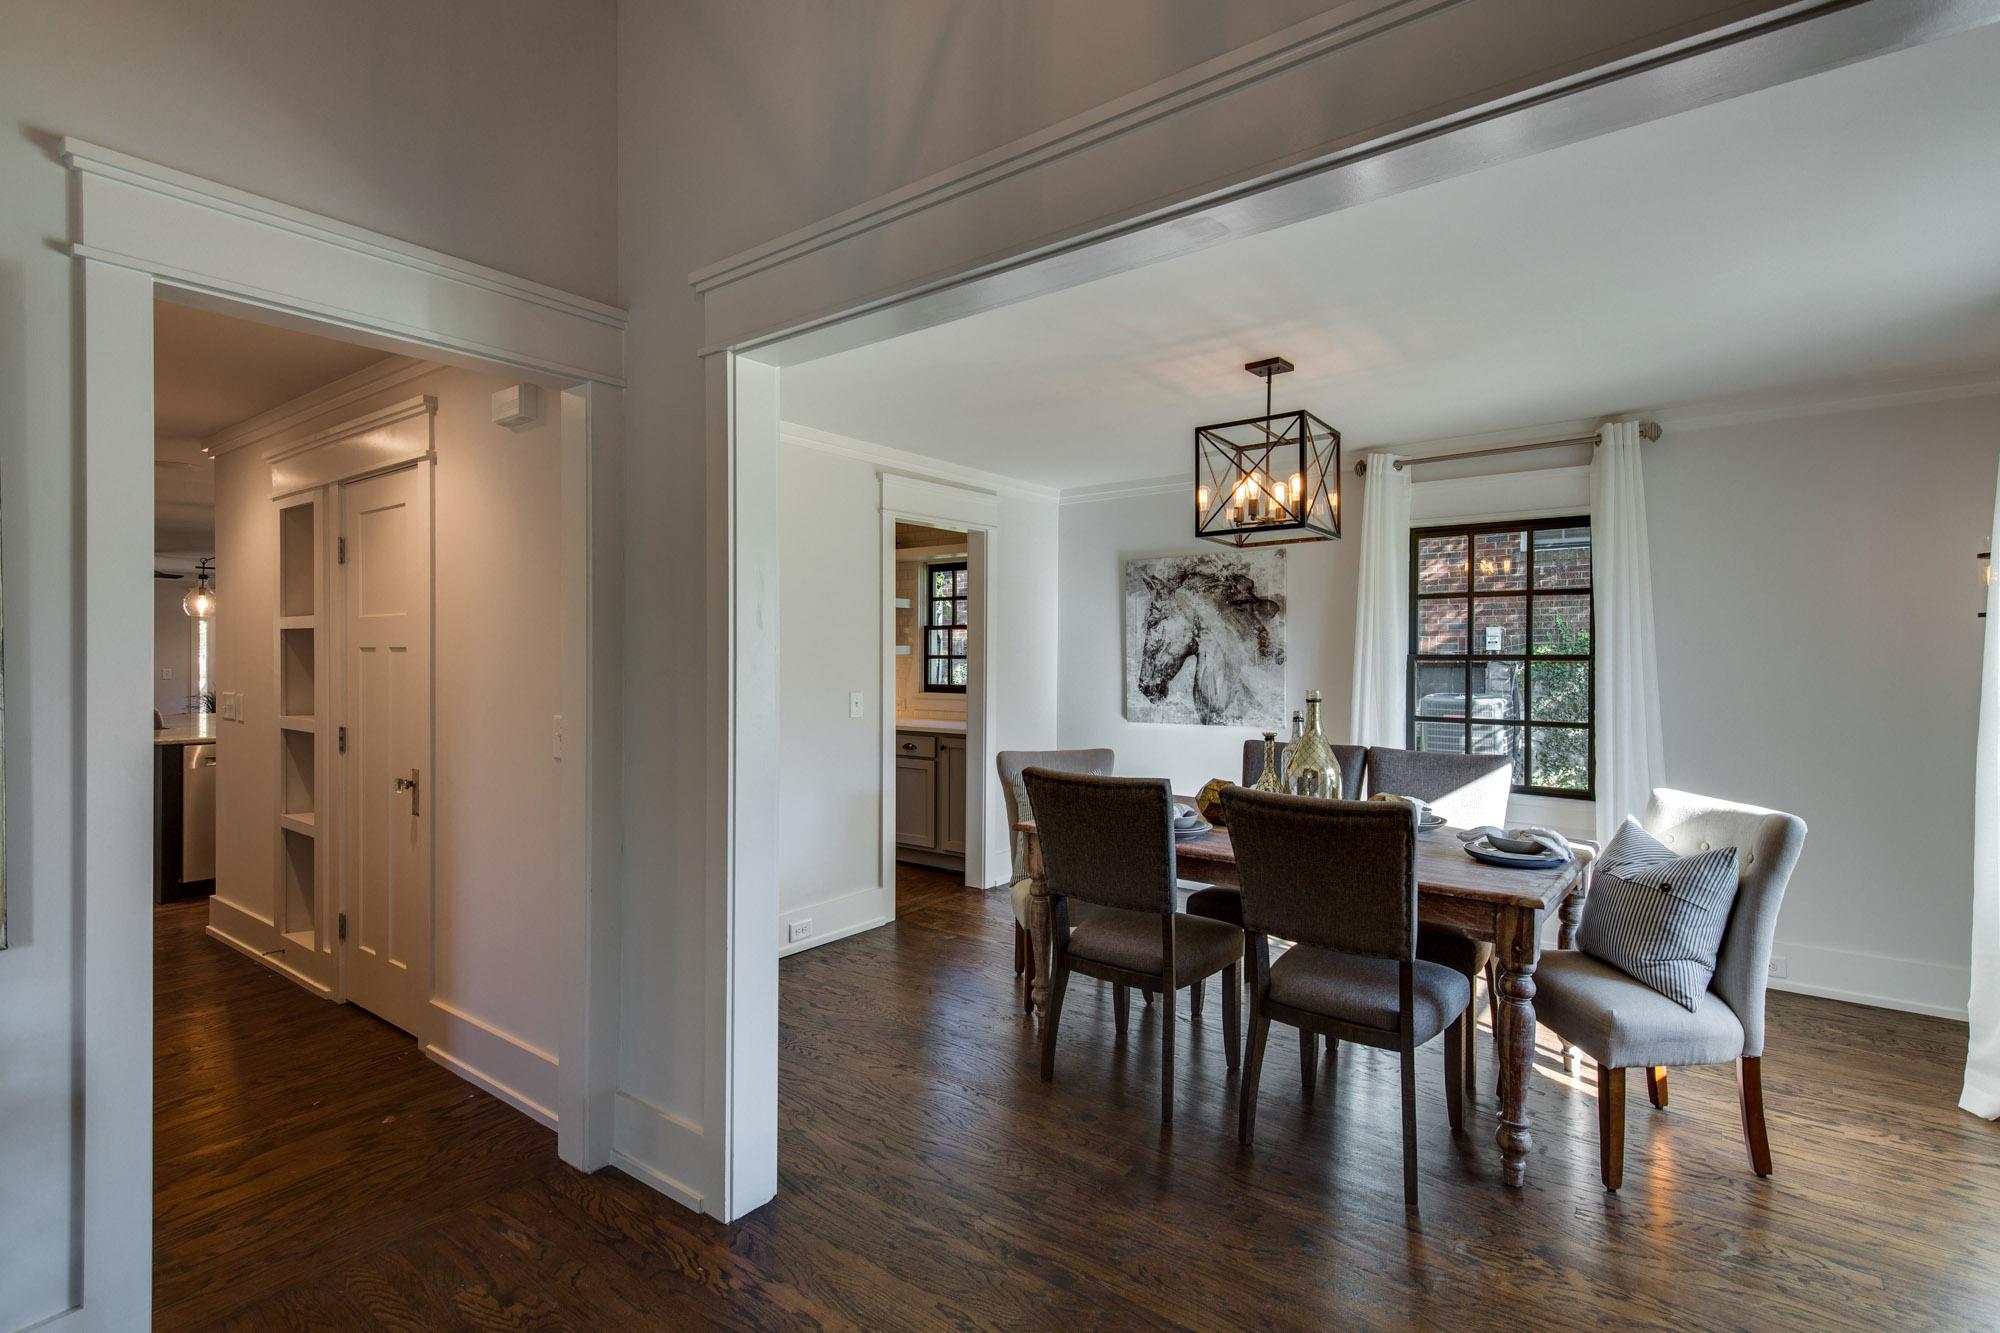 nashville-home-remodel-renovation-custom-home-tennessee-britt-development-group-1009.jpg